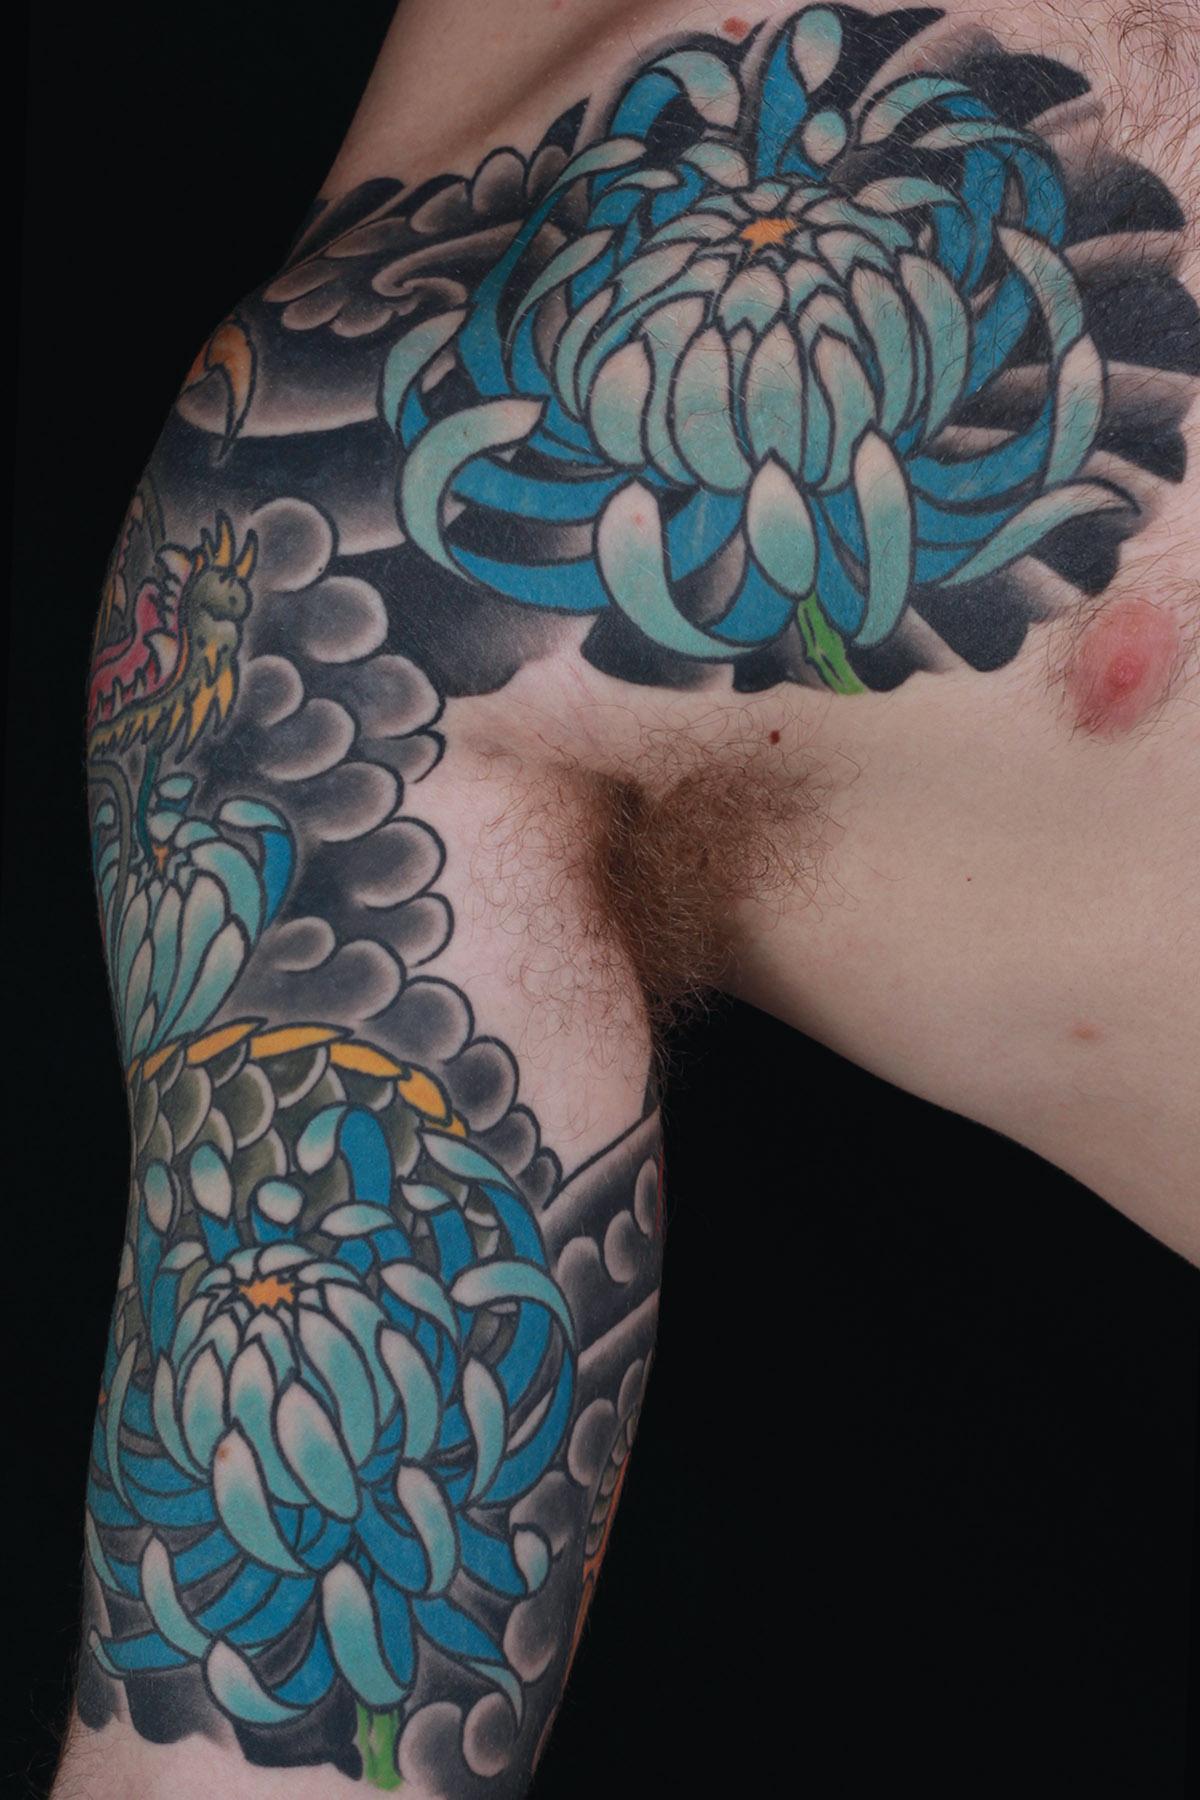 sam-yamini-dedication-tattoo-japanese-chrysathemum-half-sleeve-chest-arm